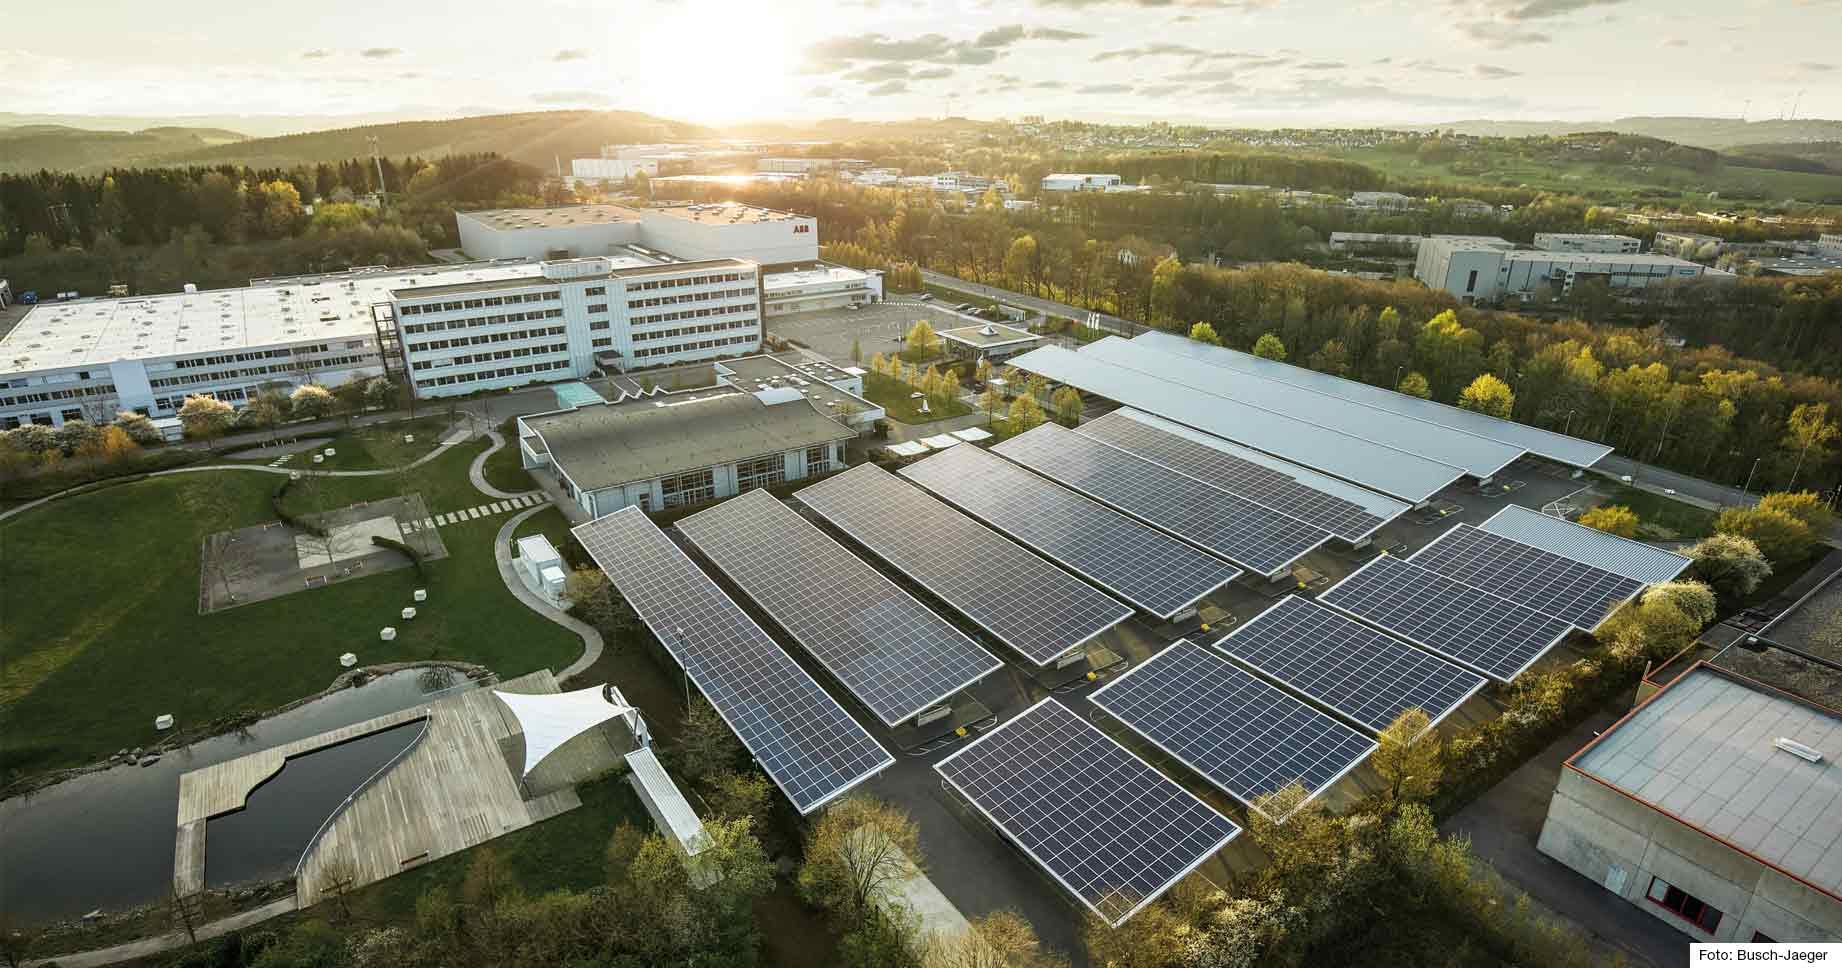 Firmengebäude mit großer Solaranlage auf dem Dach